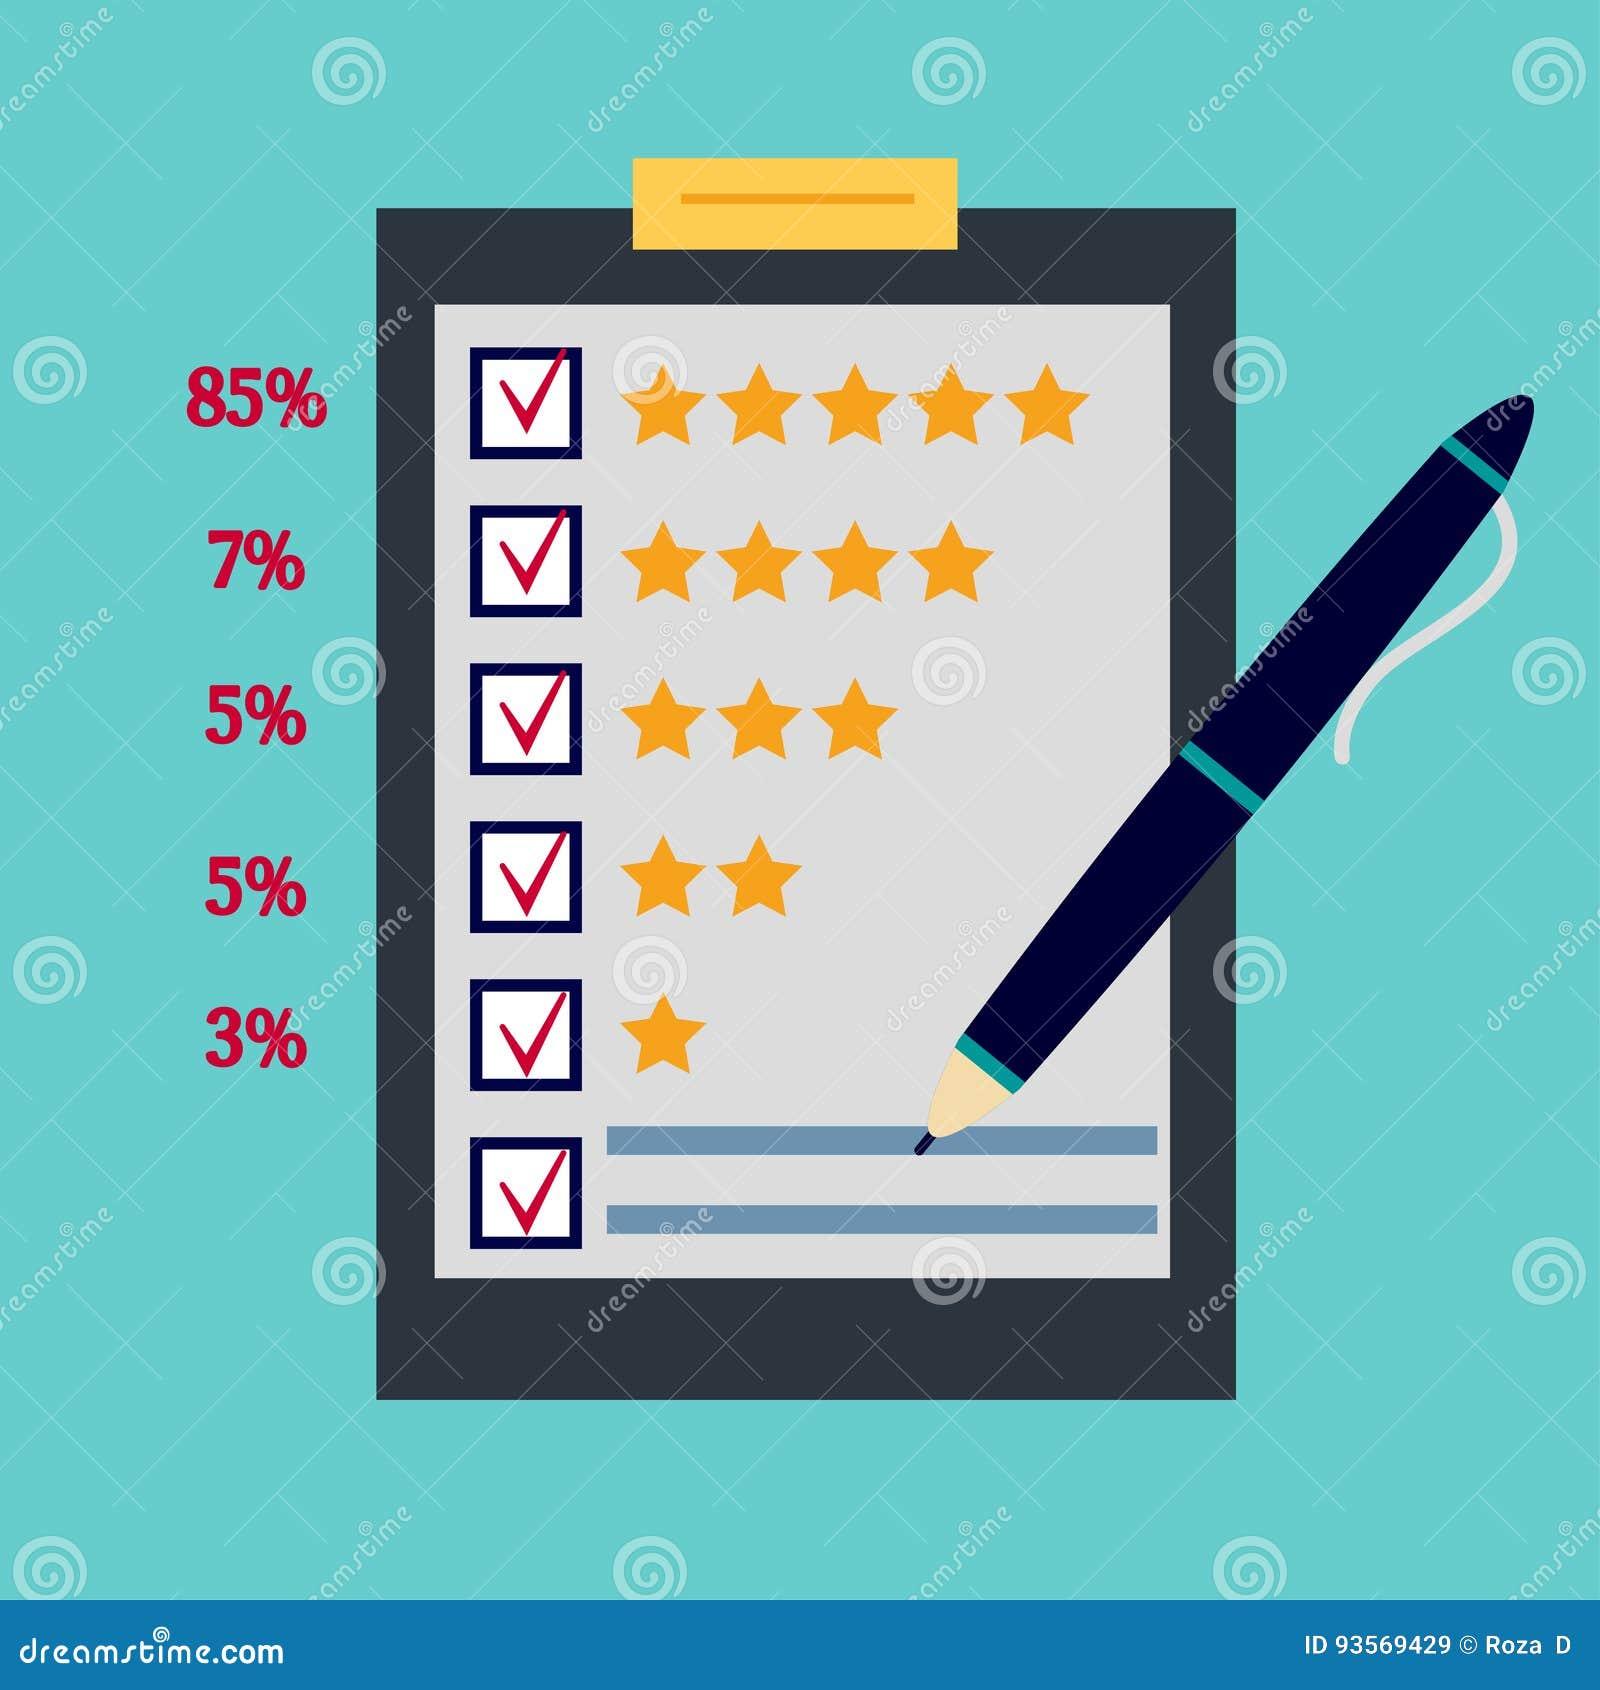 Questionario, statistiche di feedback dei clienti in percento